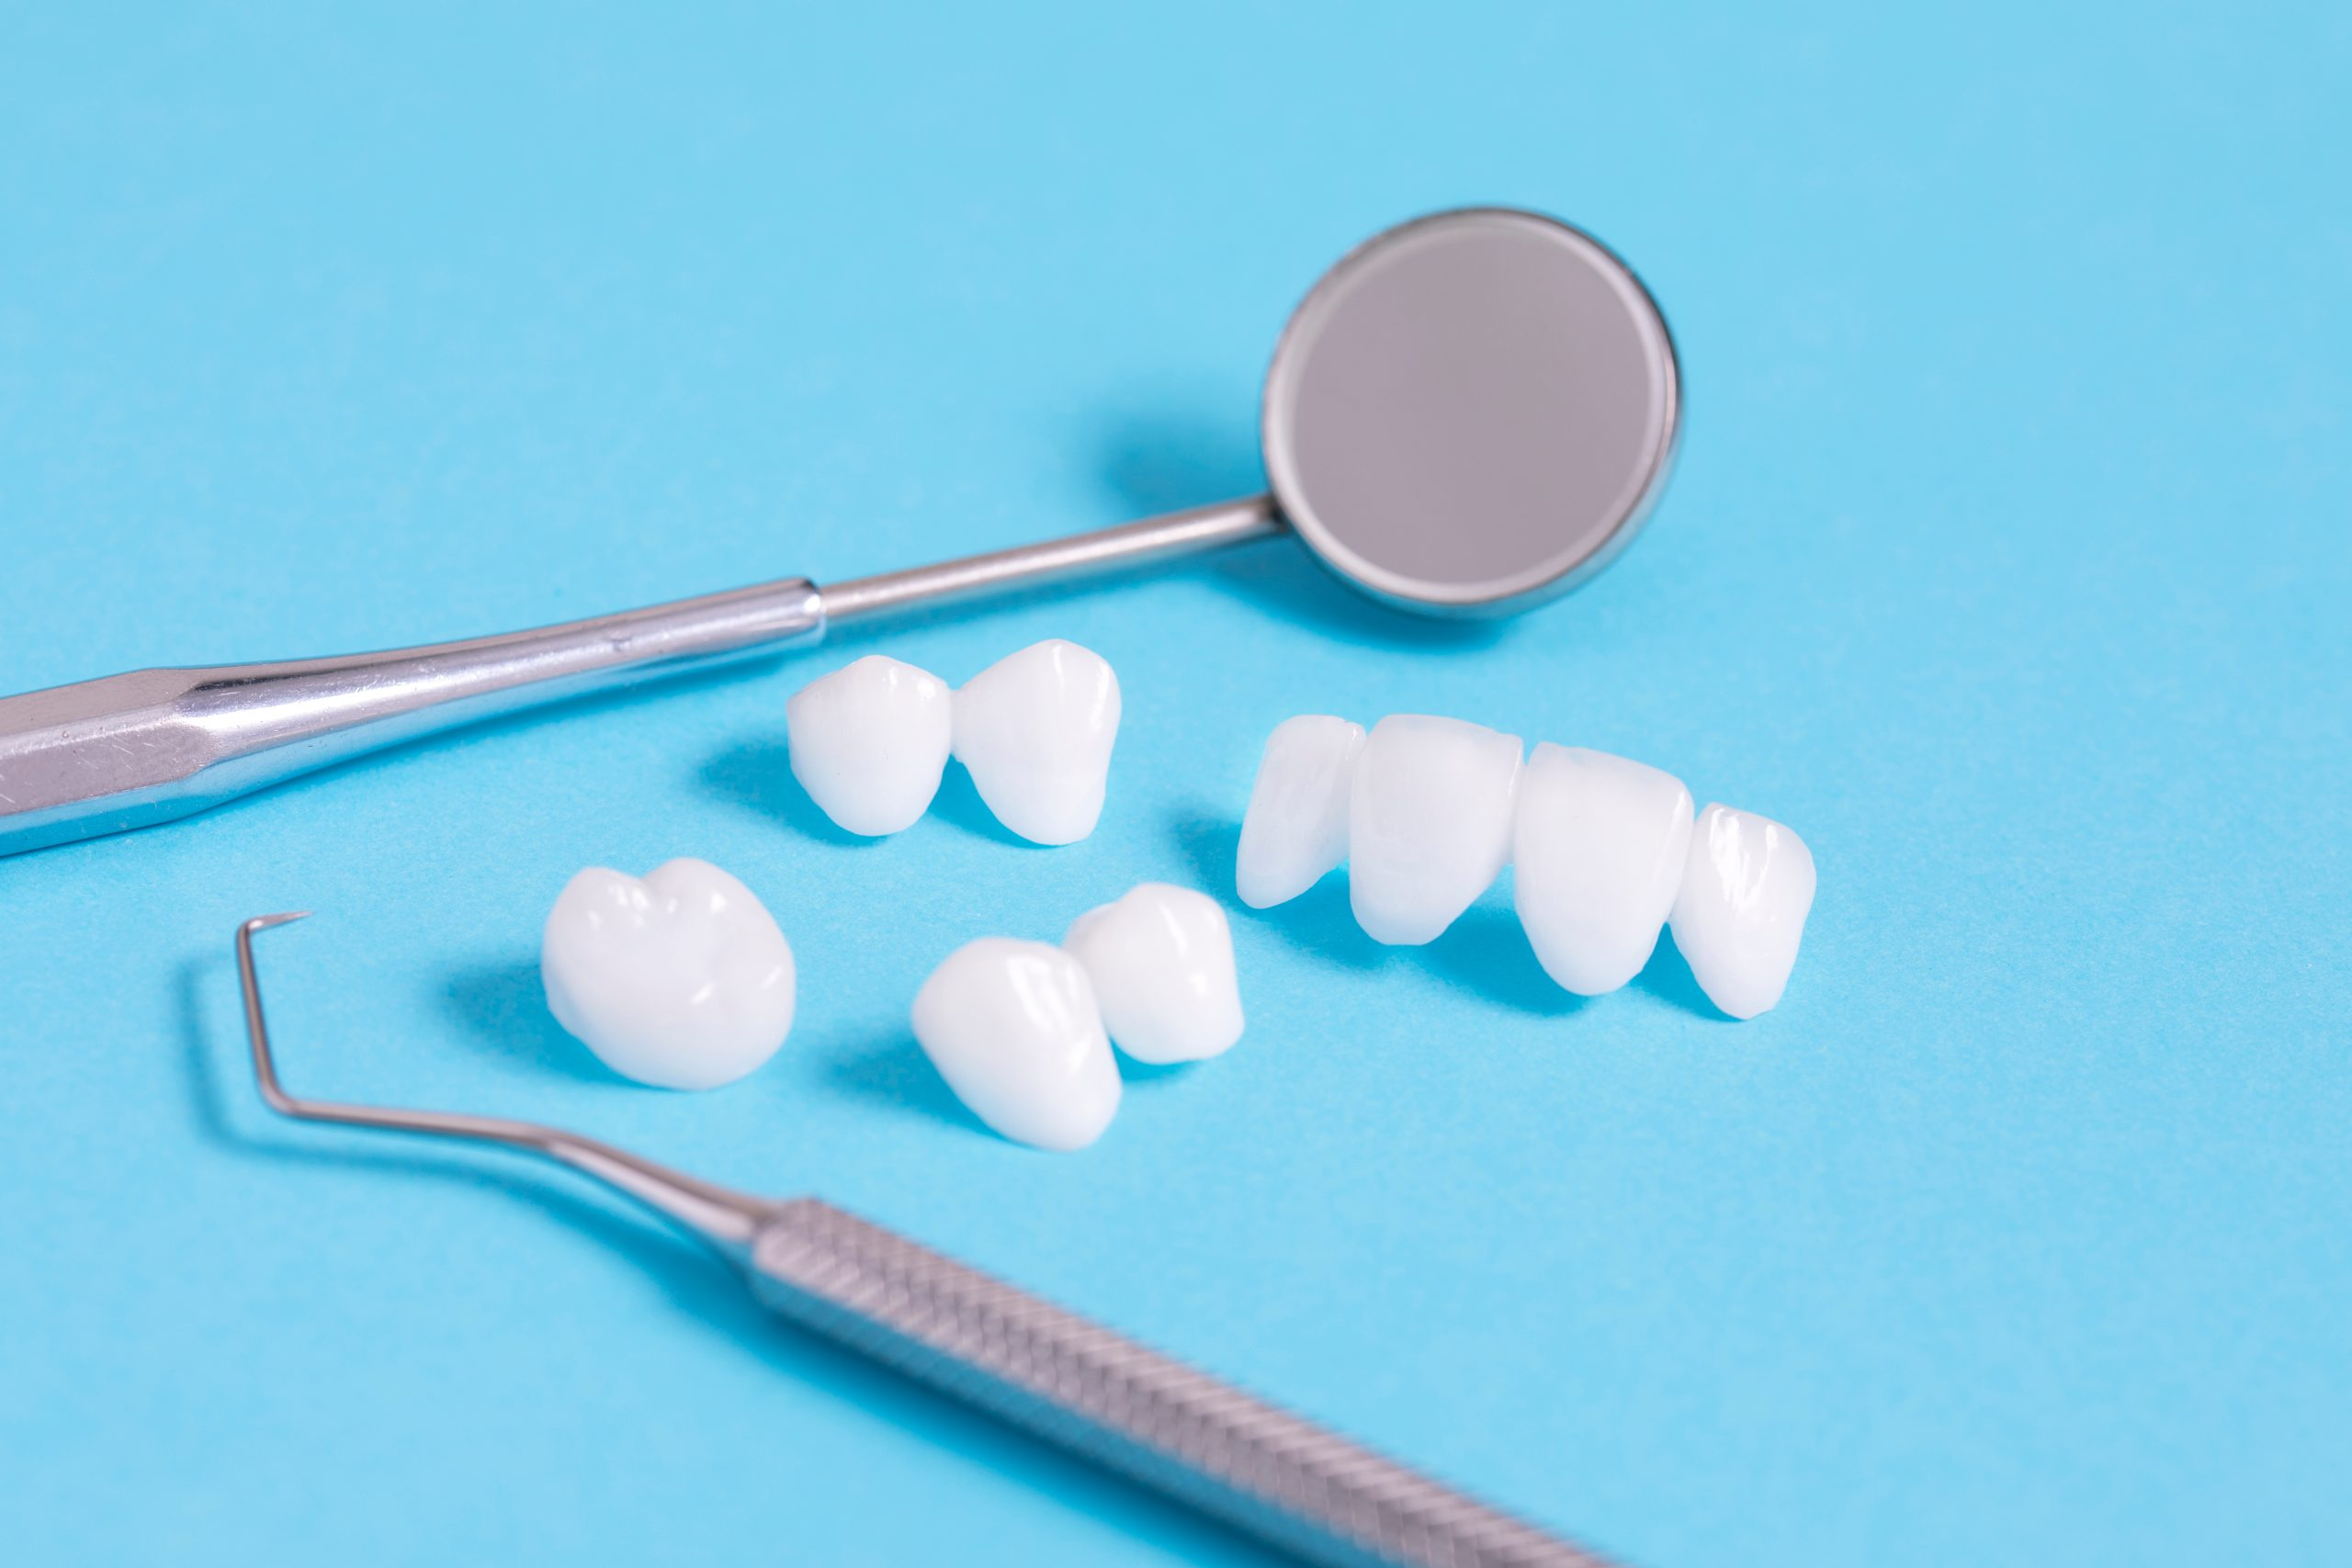 ¿Qué son las carillas dentales y para qué sirven?